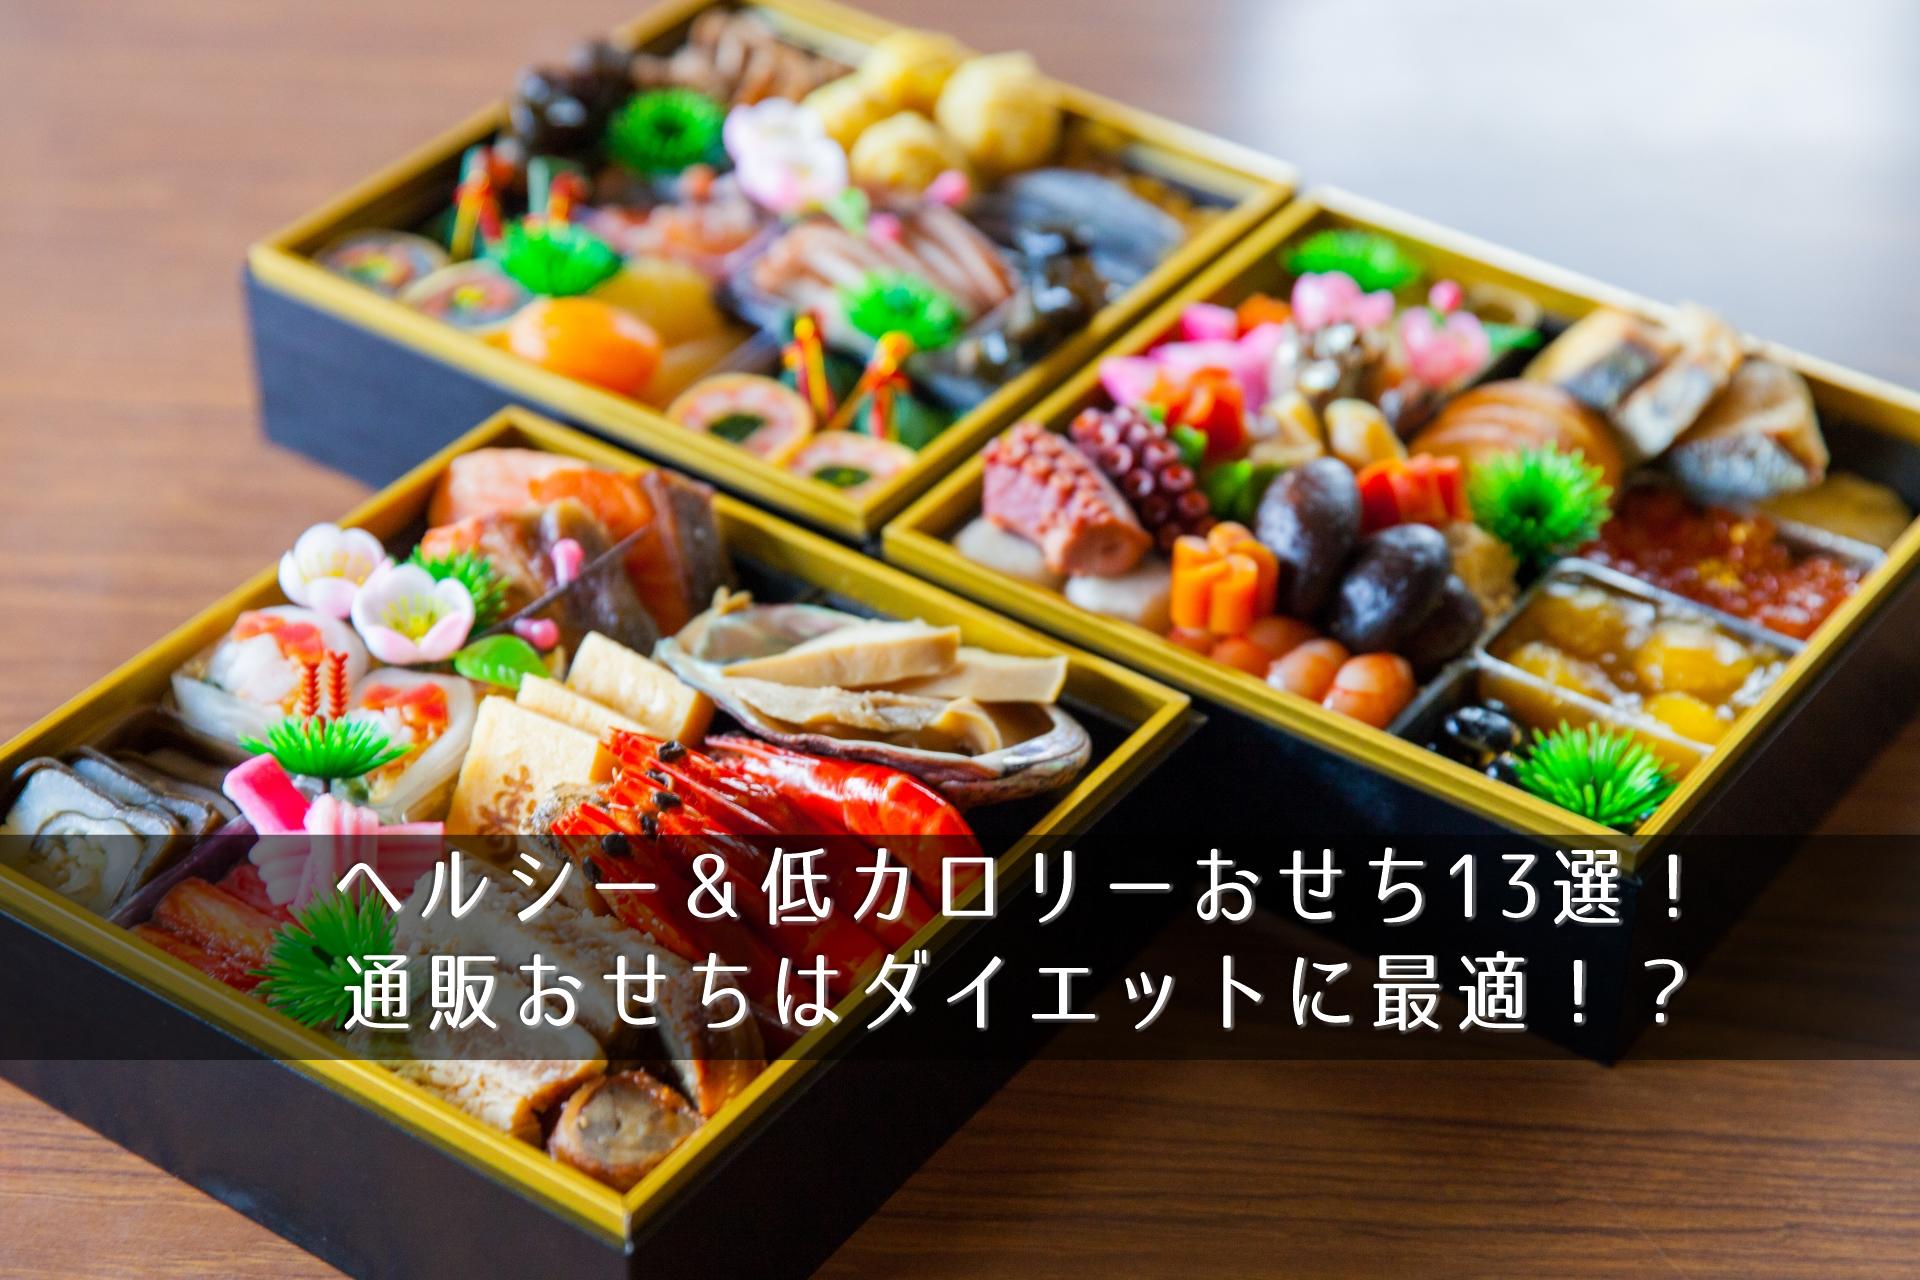 ヘルシー&低カロリーおせち13選!通販おせちはダイエットに最適!?